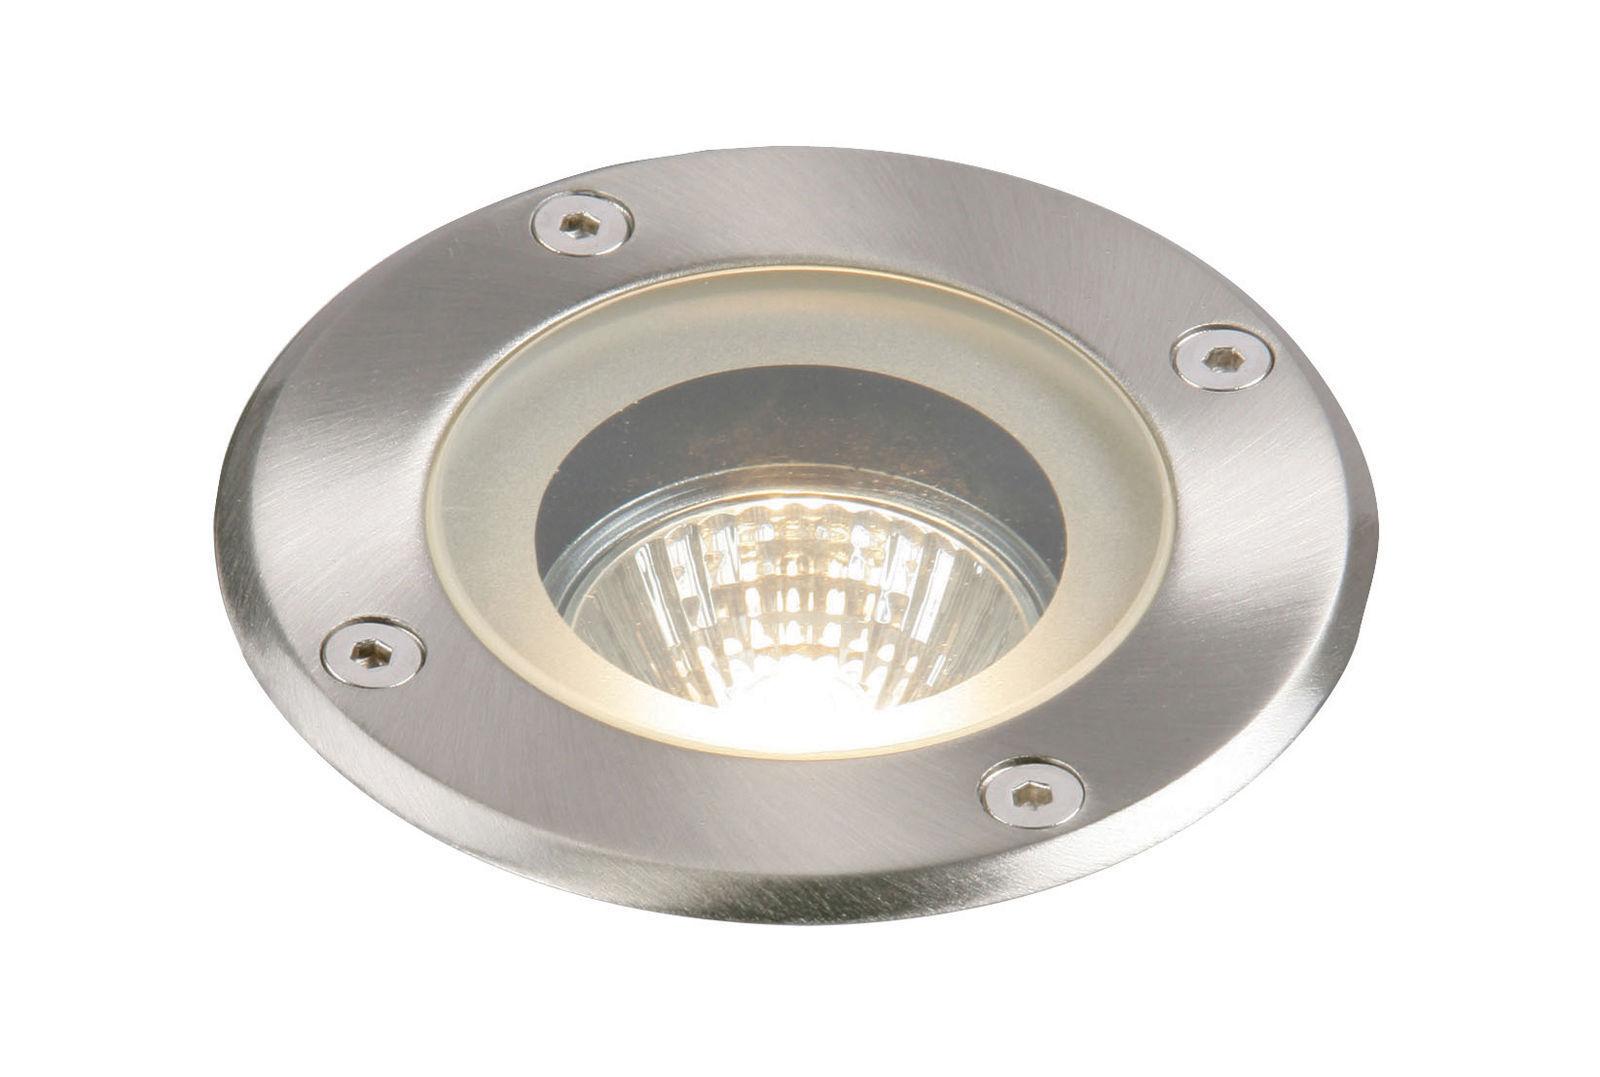 Pilar IP65 50W Empotrado Acero GH98042V Regulable Halógeno al aire libre luz indirecta Saxby